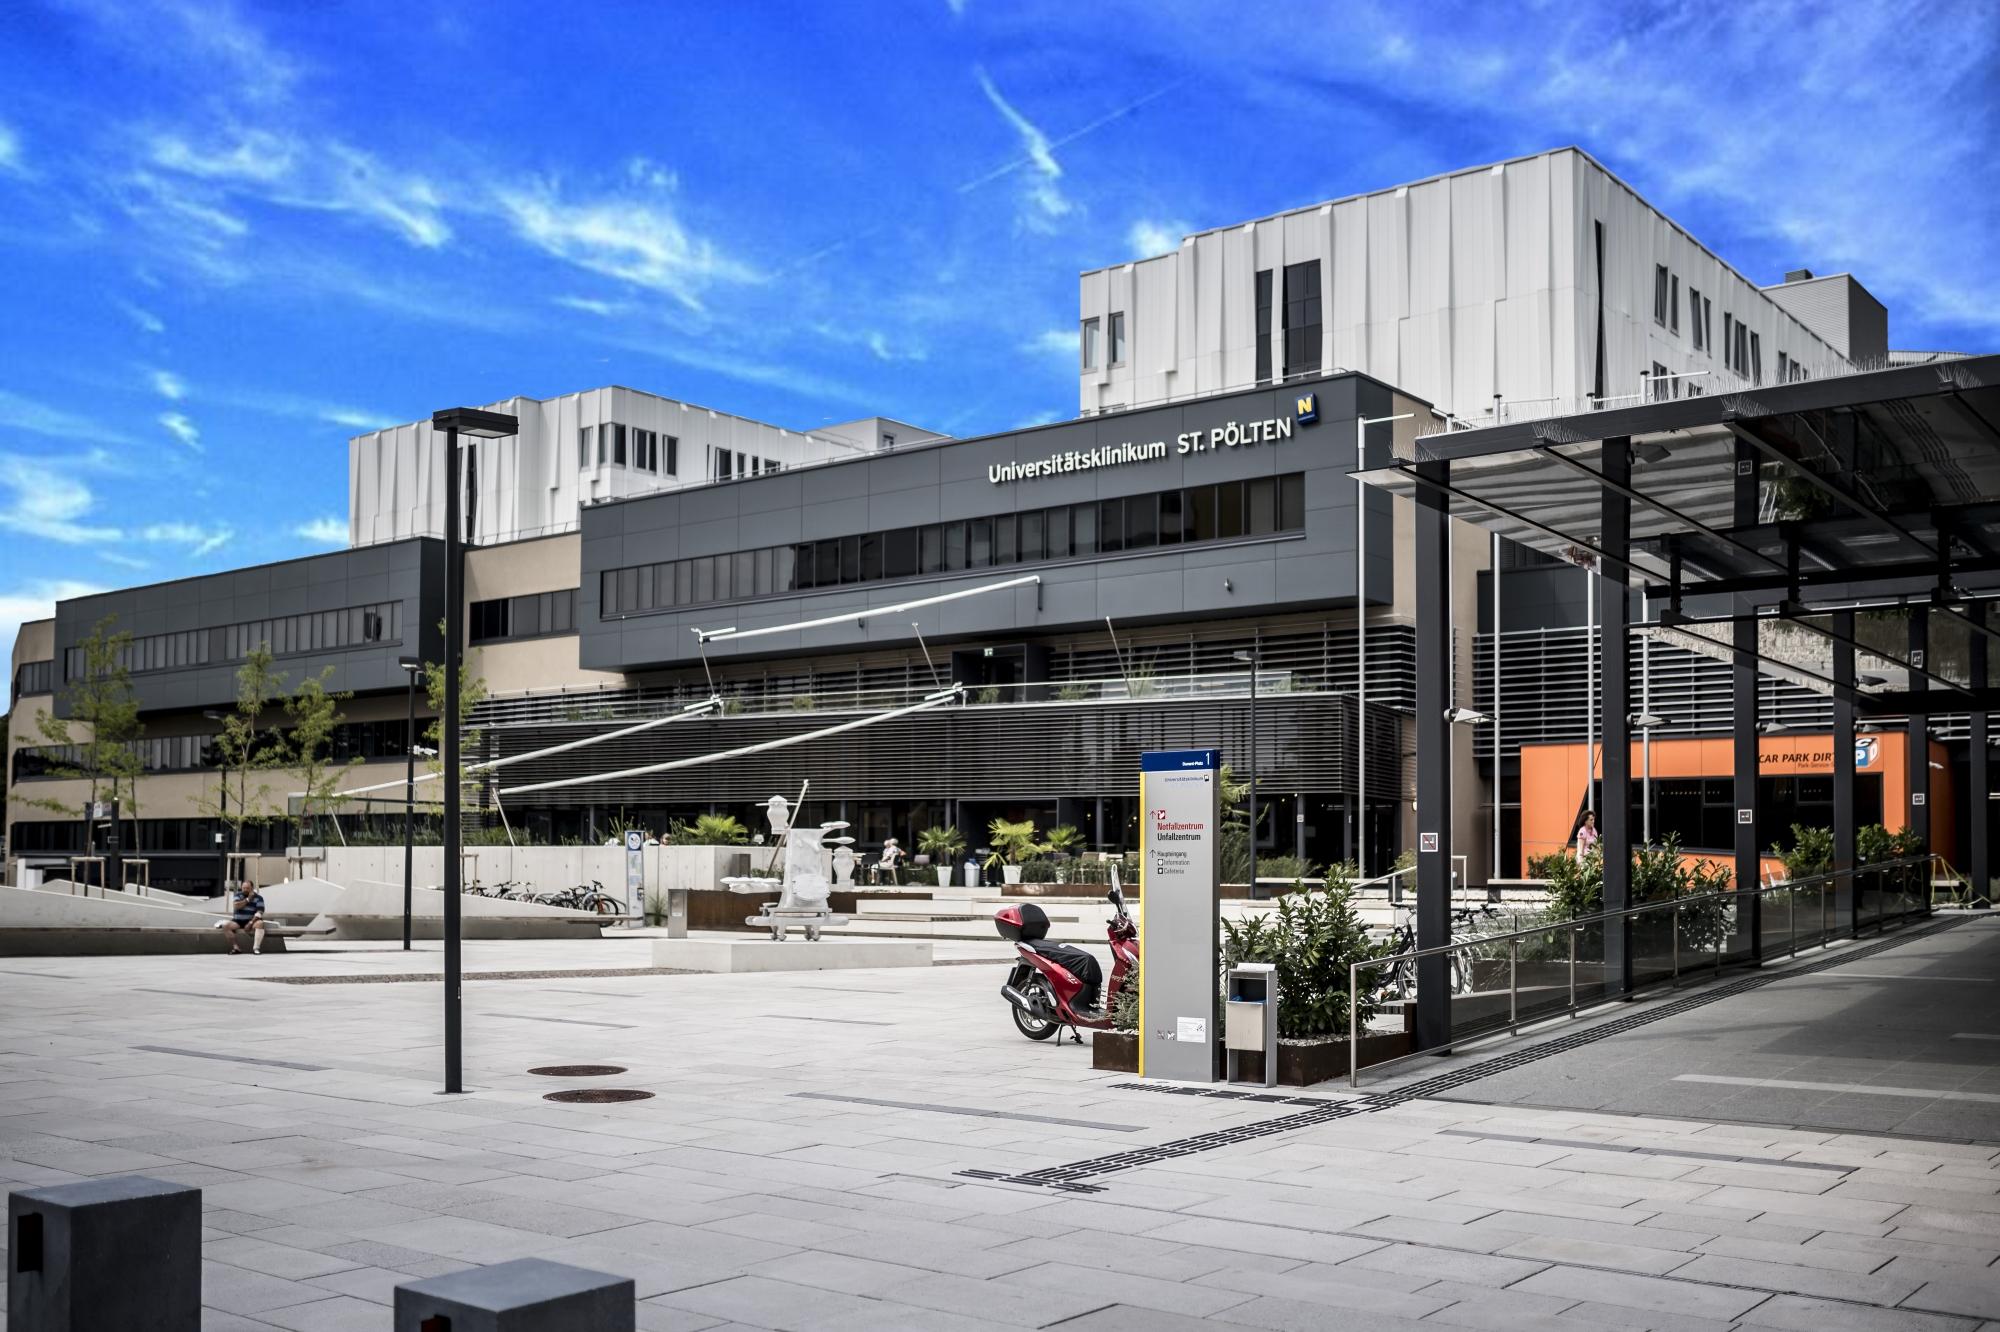 Warehouse, Sankt Plten | comunidadelectronica.com